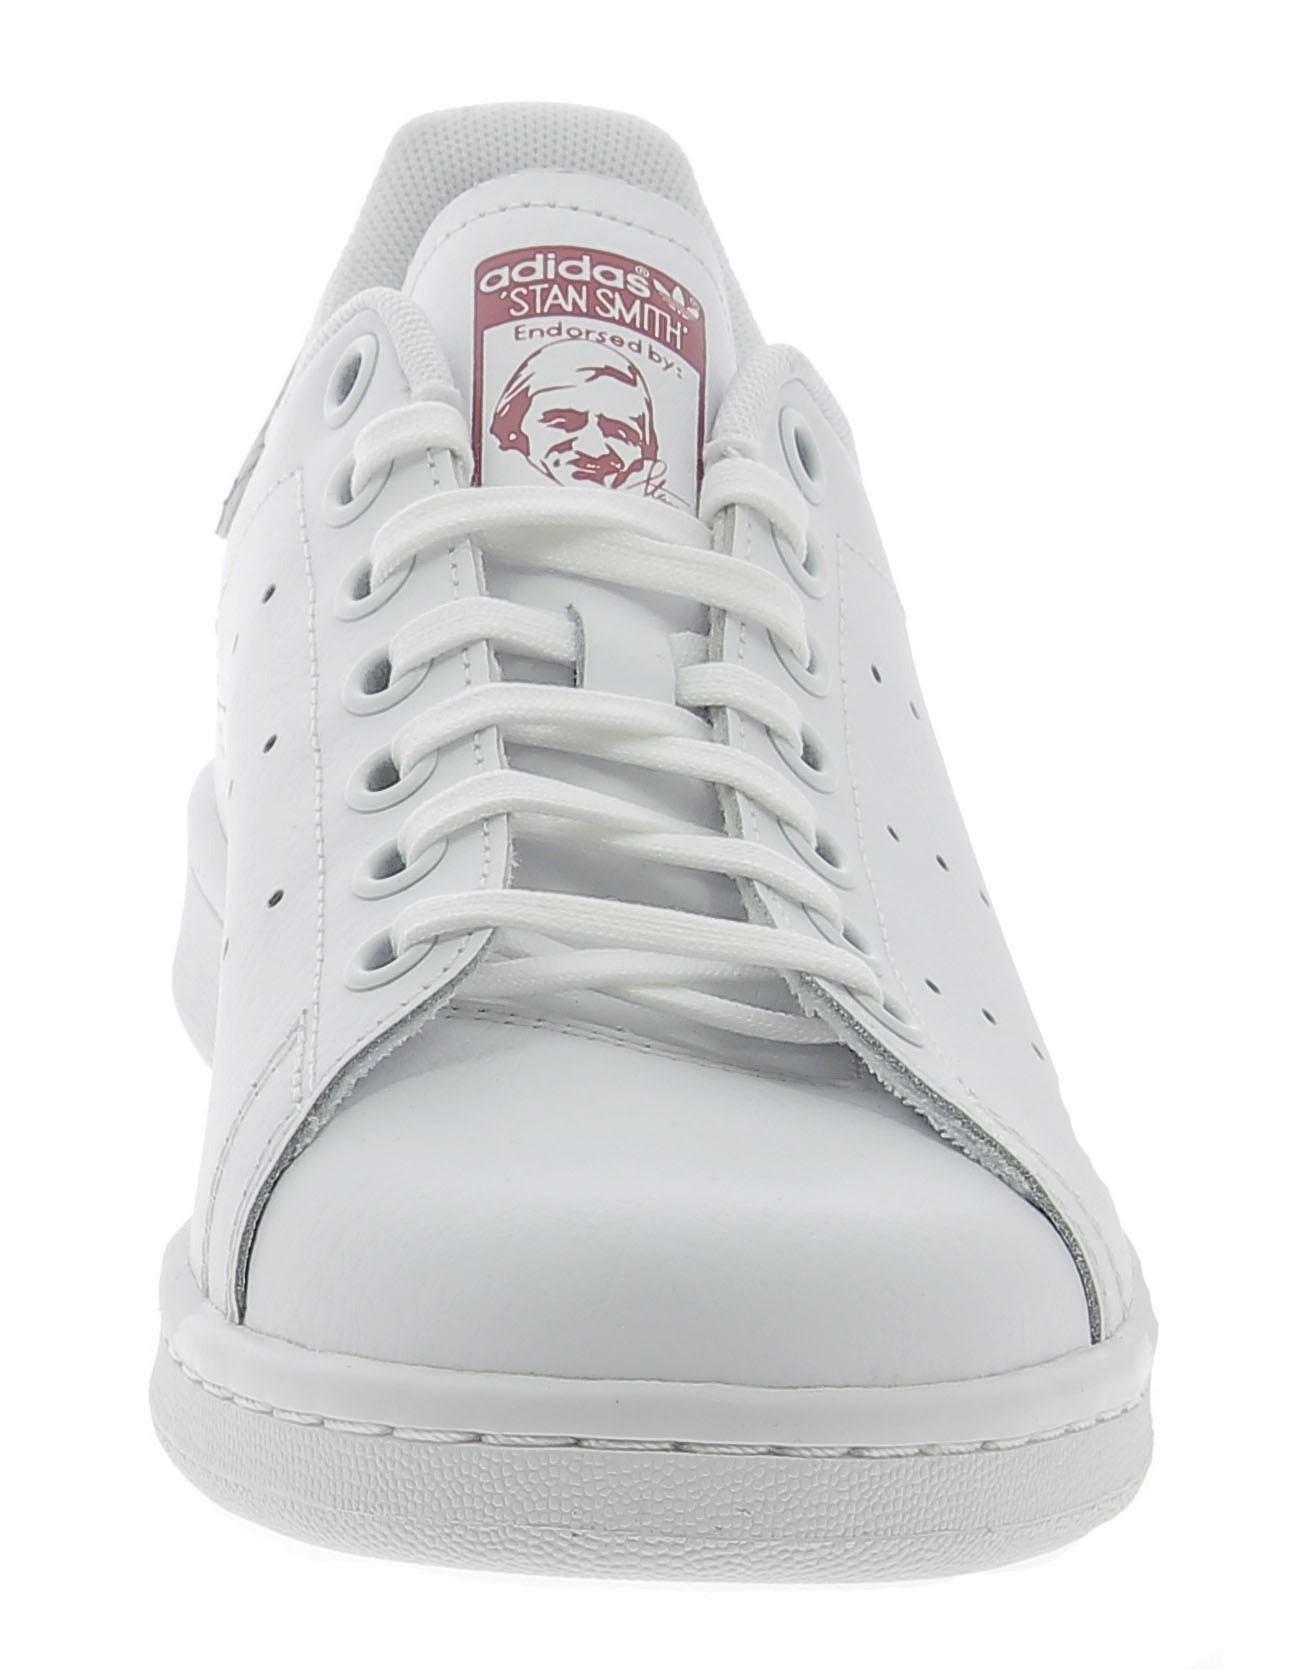 adidas adidas stan smith j scarpe sportive bianche b37186